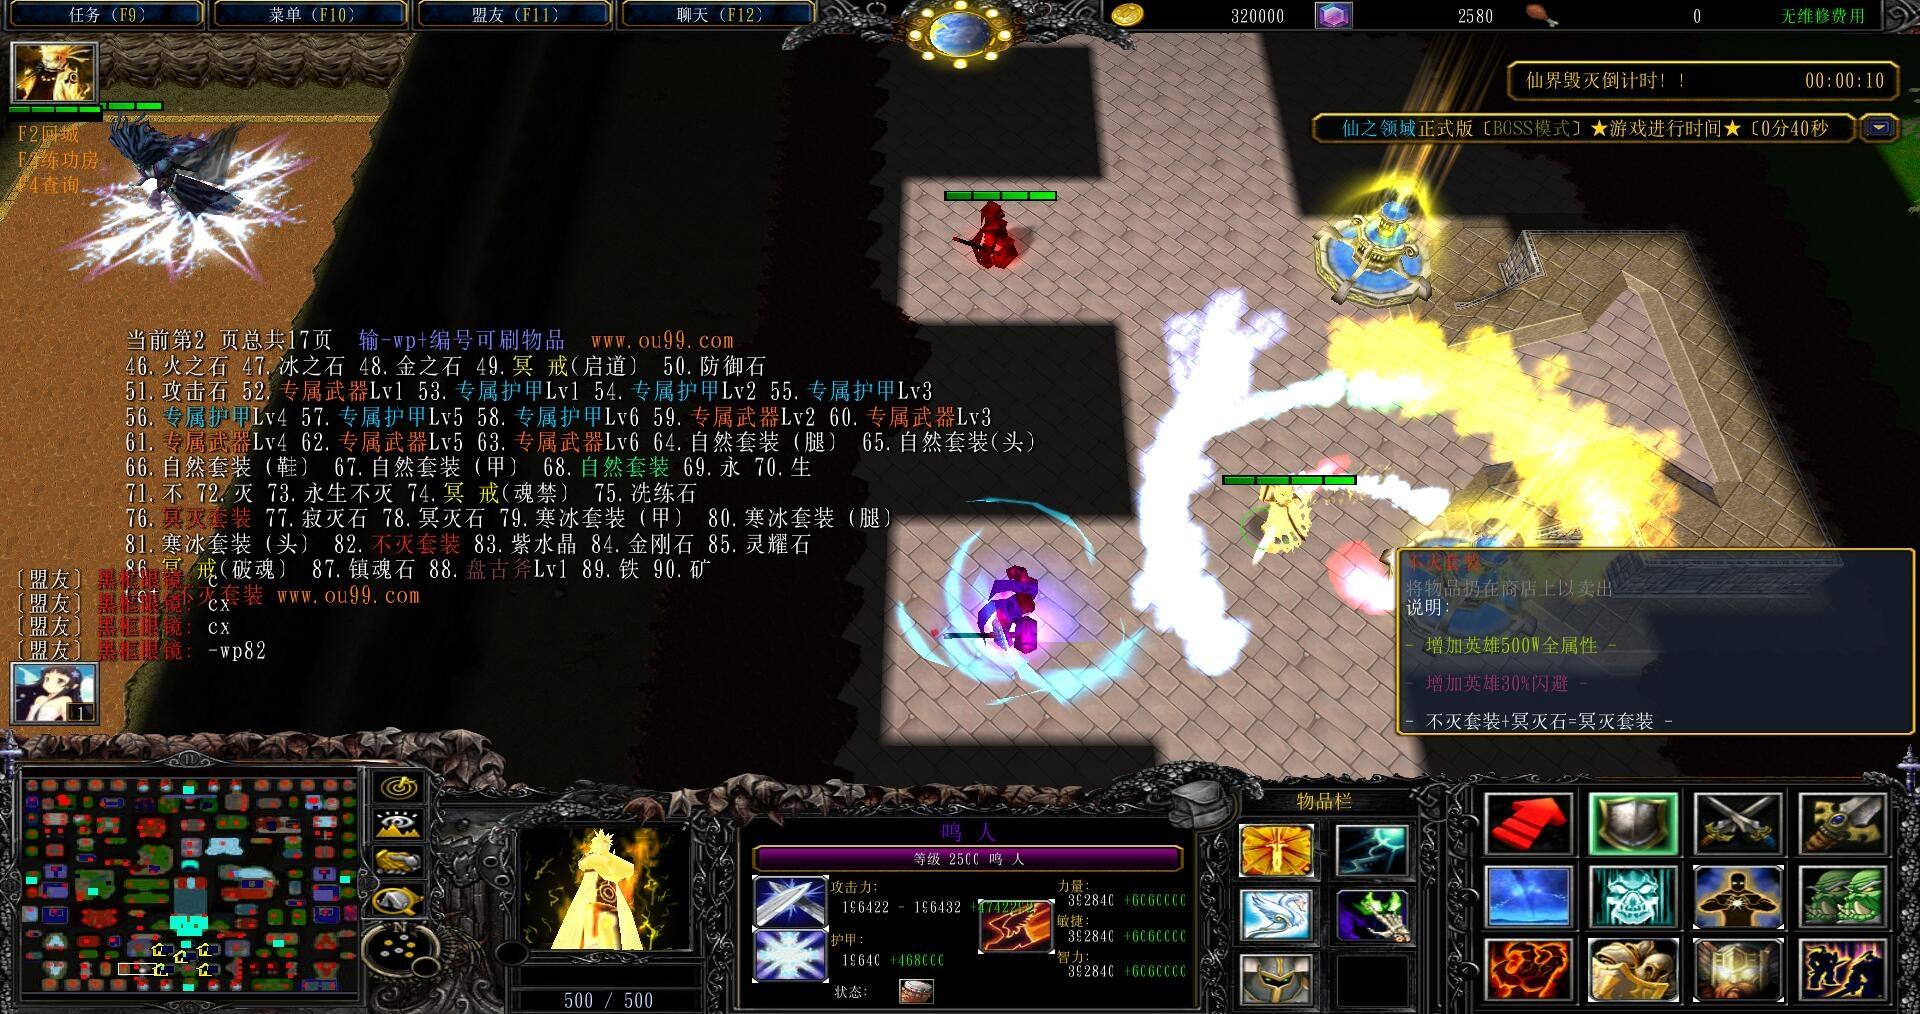 仙之领域2.3.6黑式破解